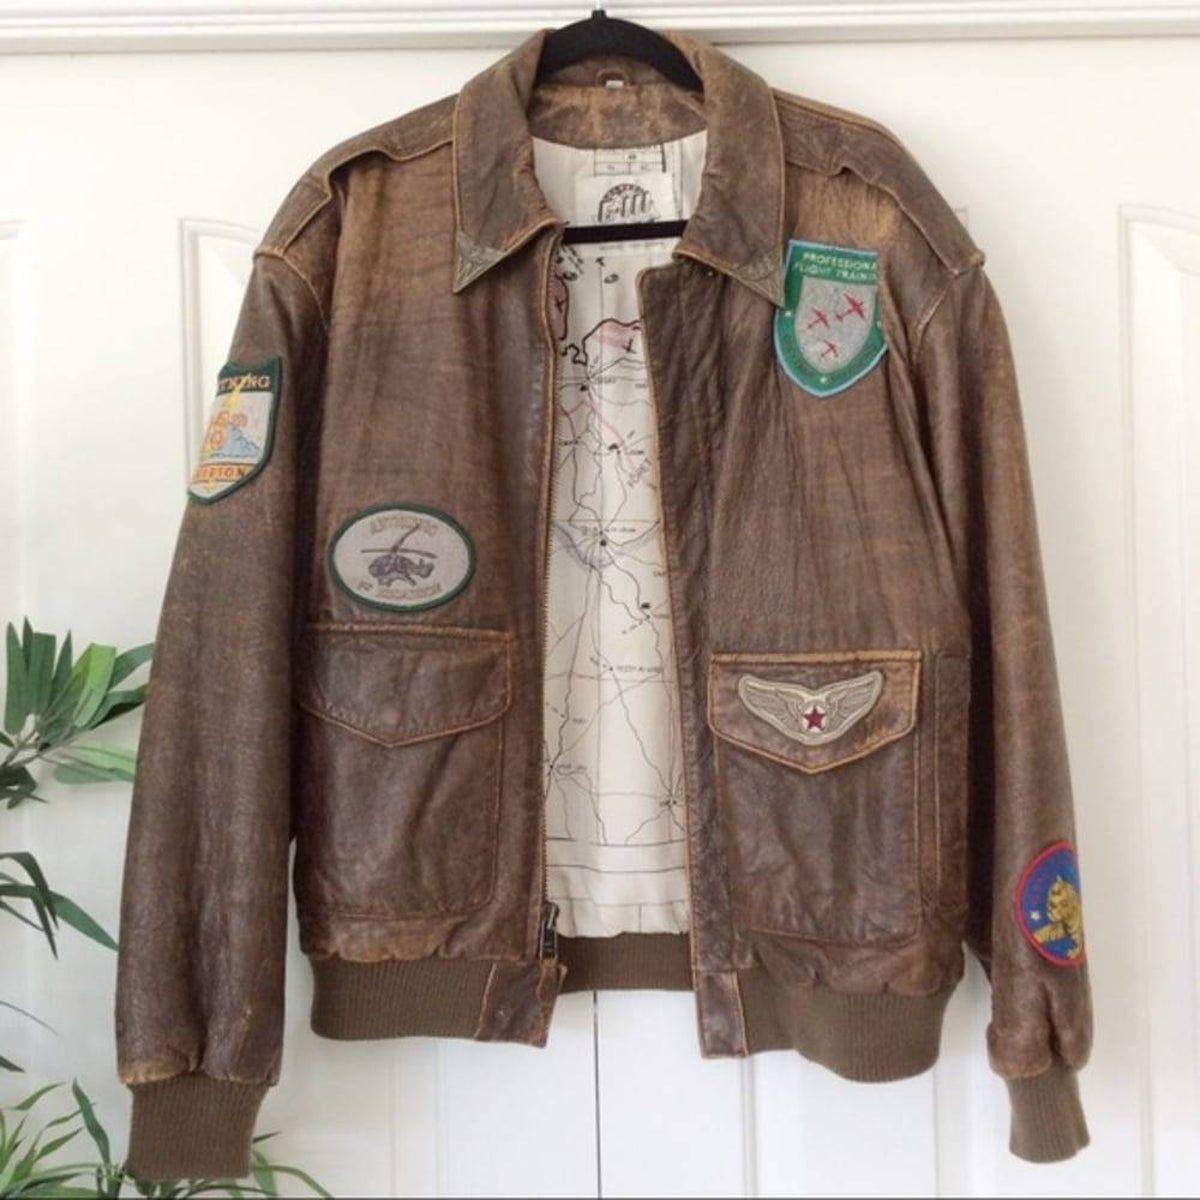 Vintage S Brown Leather Bomber Jacket Bomber Jacket Vintage Brown Leather Bomber Jacket Brown Bomber Jacket [ 1200 x 1200 Pixel ]